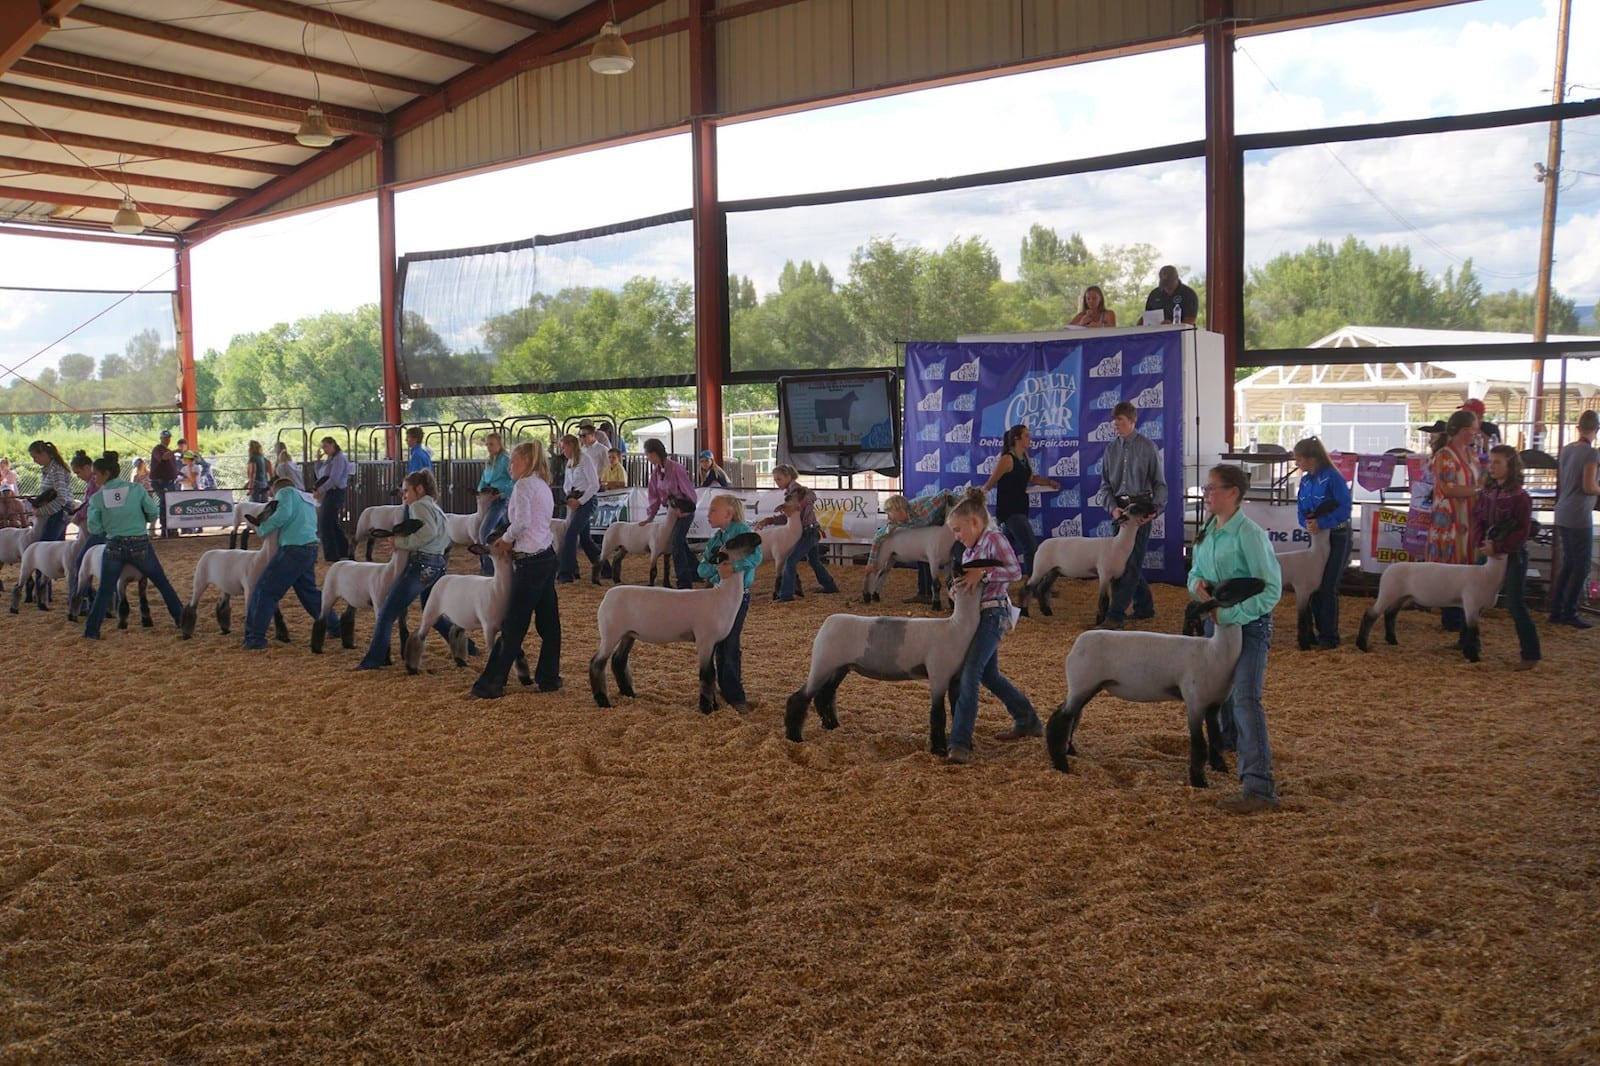 Delta County Fair, CO